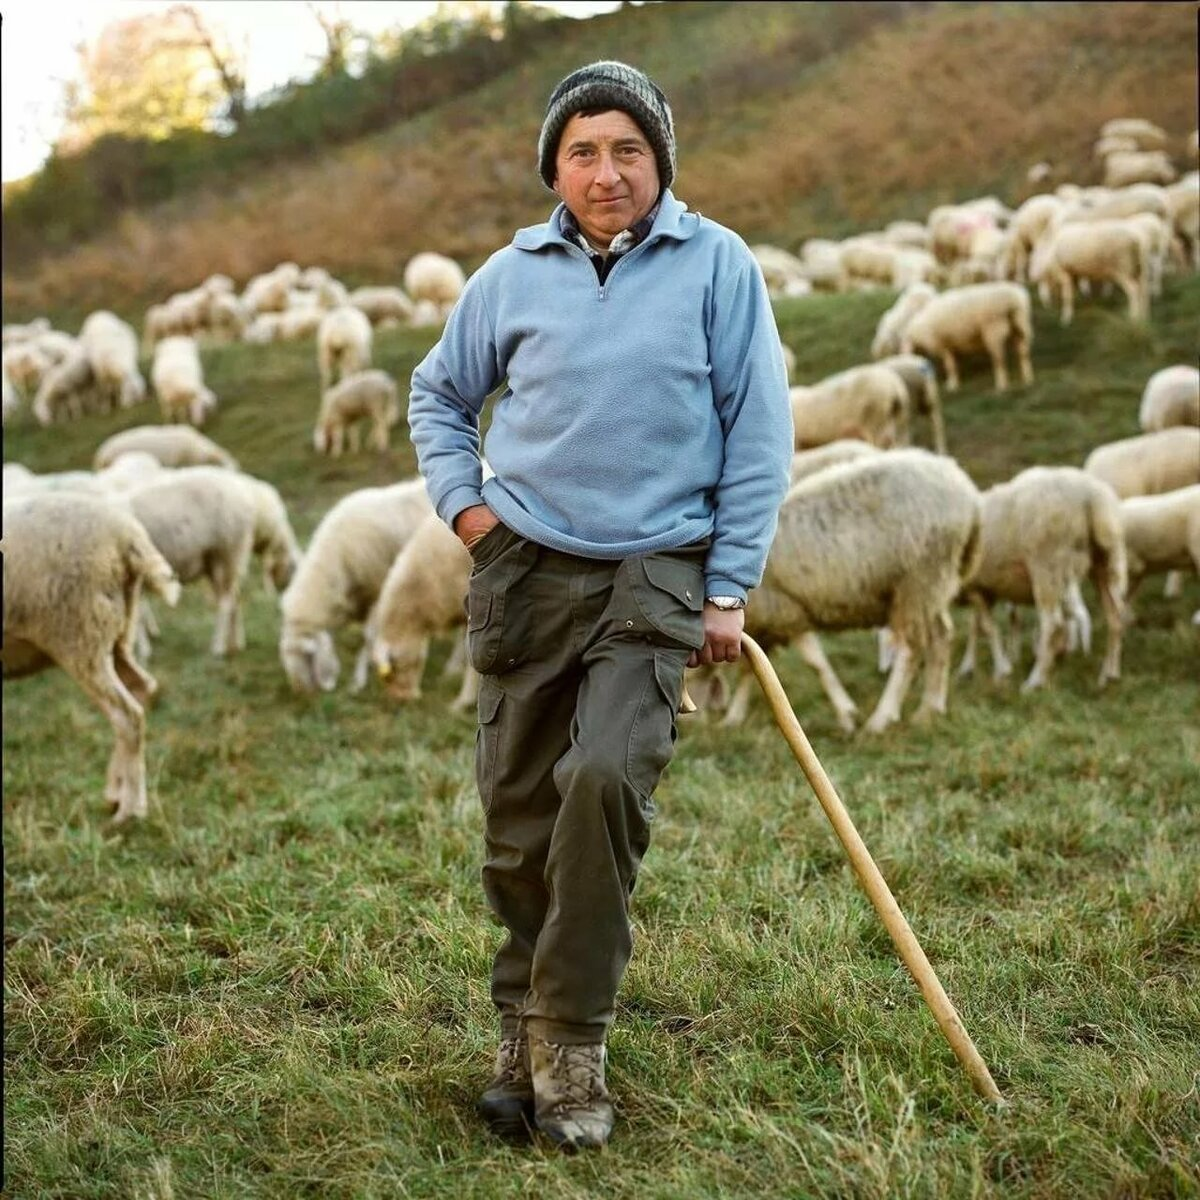 чаще картинка пастуха с бараном ручная